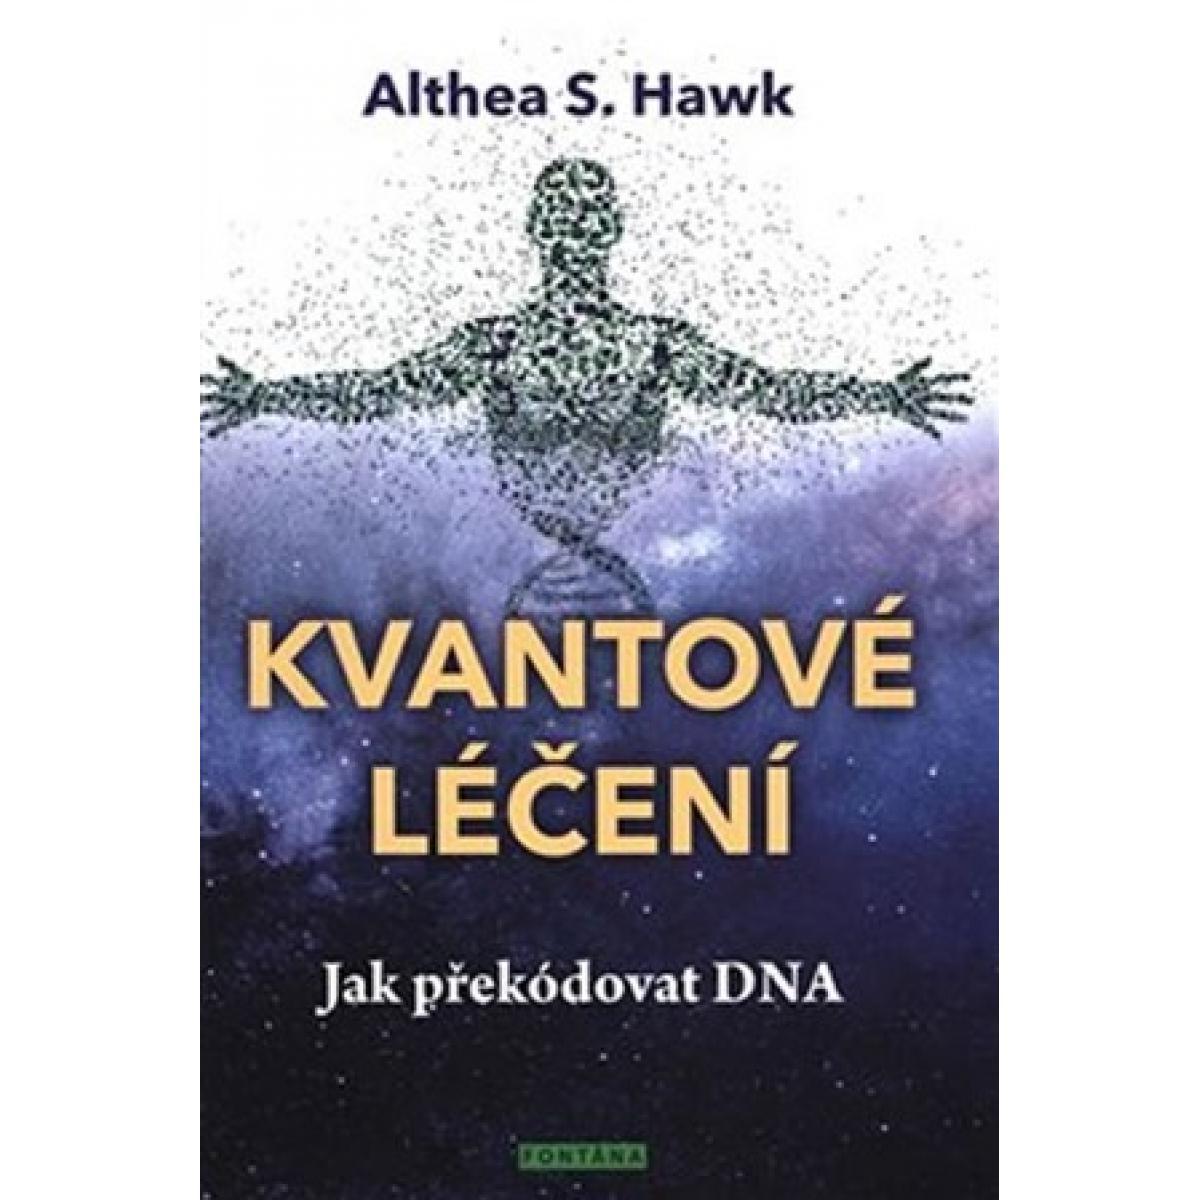 Kvantové léčení - Jak překódovat DNA - Hawk S. Althea